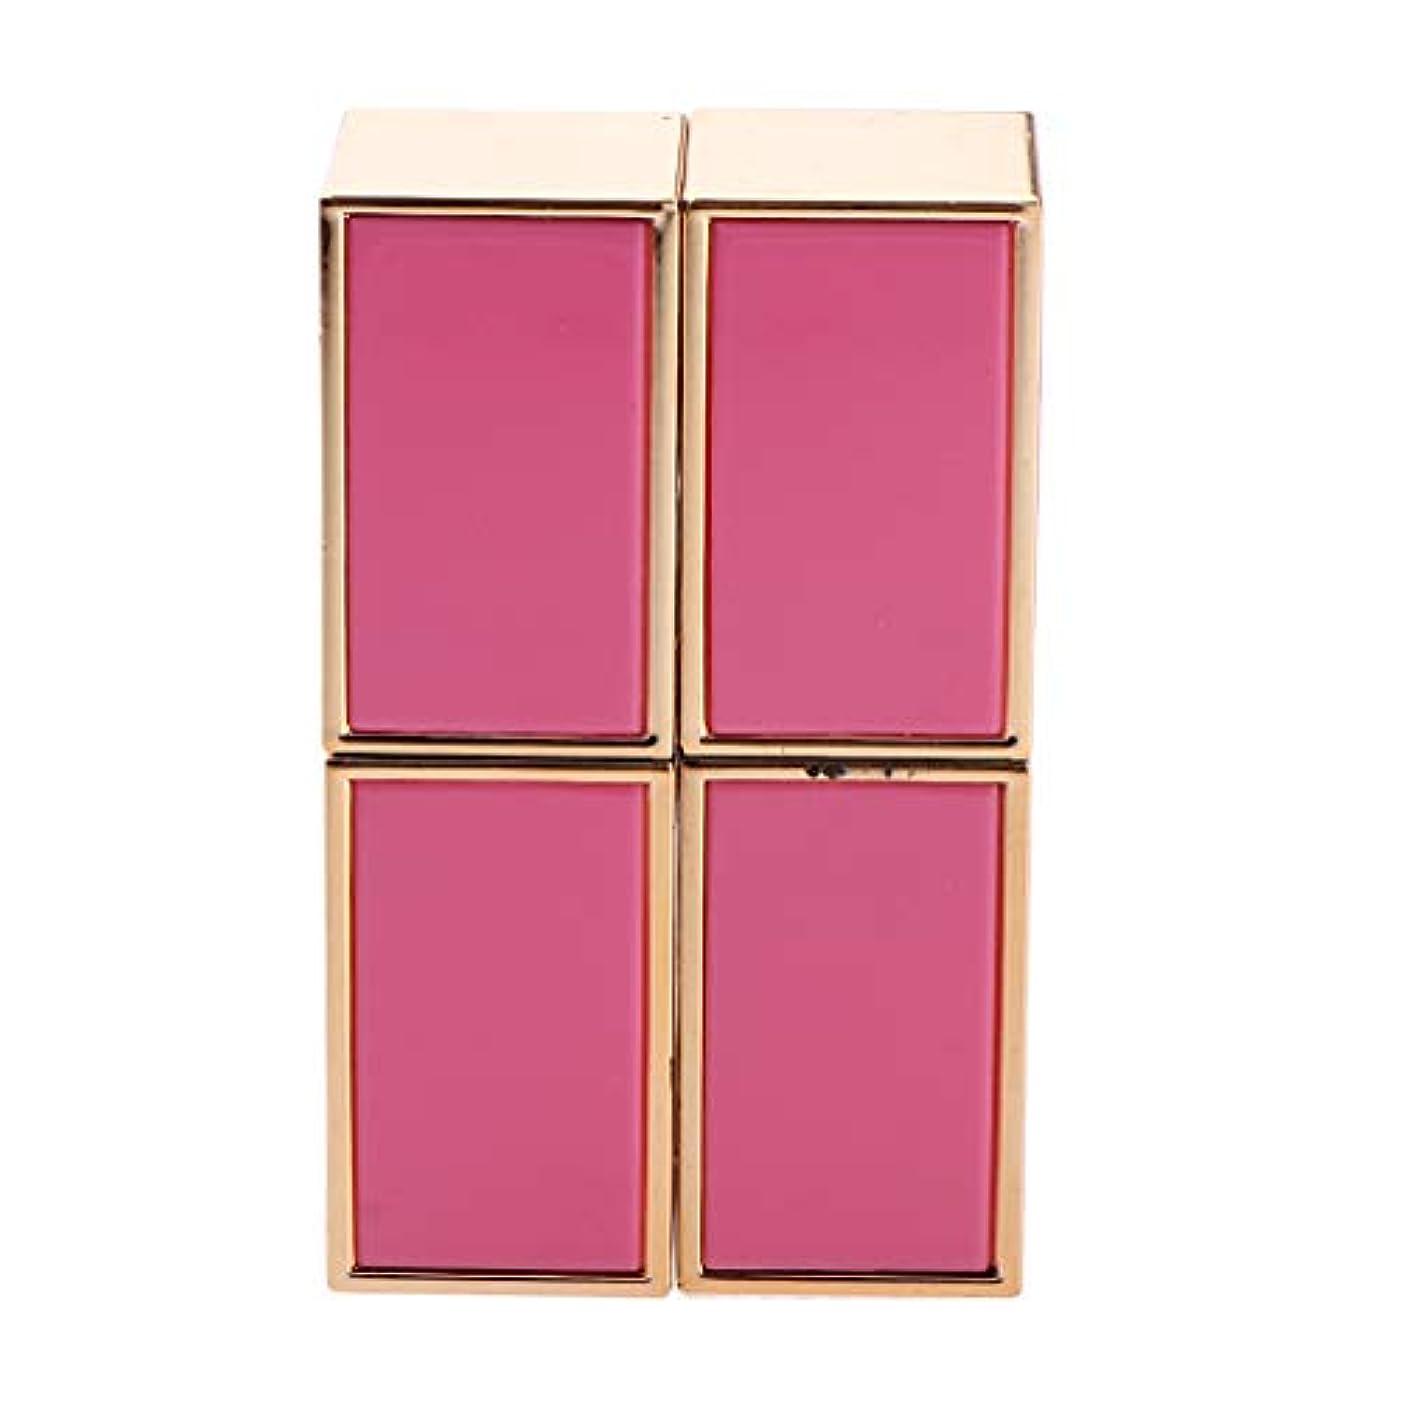 おなかがすいた消す永久に2本 口紅管 口紅チューブ DIY リップバーム/リップスティック 手作り化粧品 2色選べ - ピンク